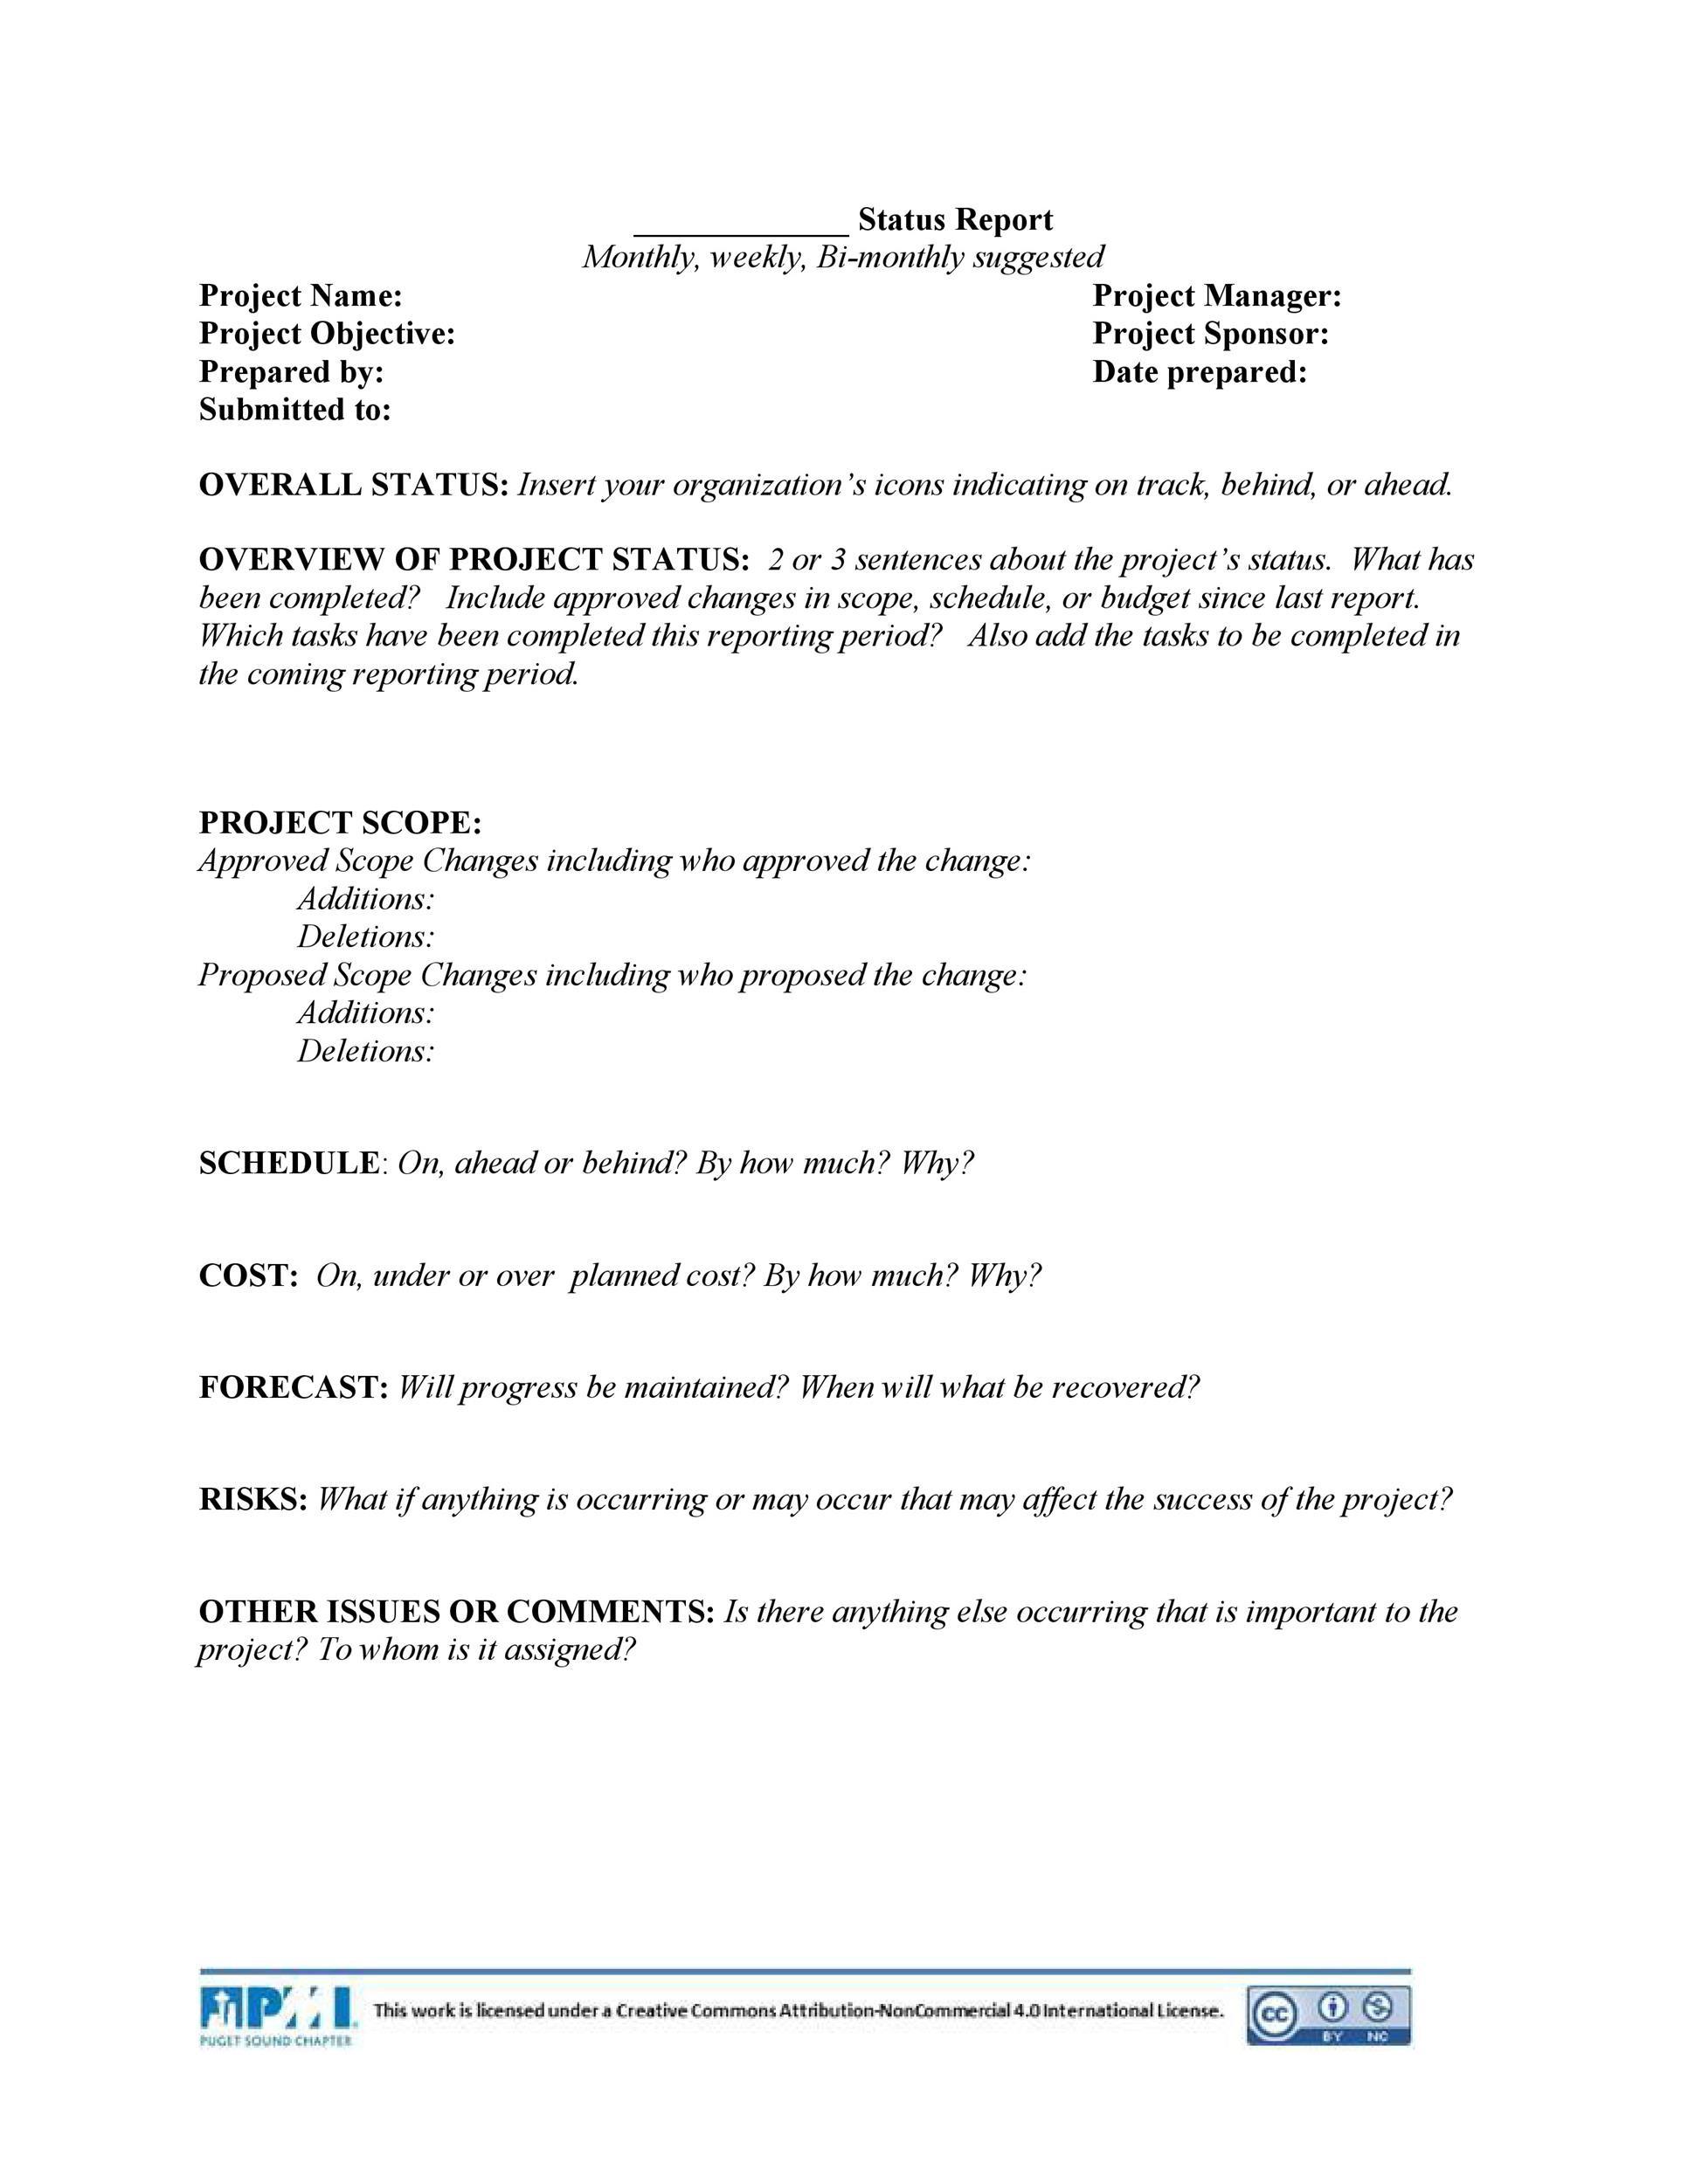 Free status report template 20